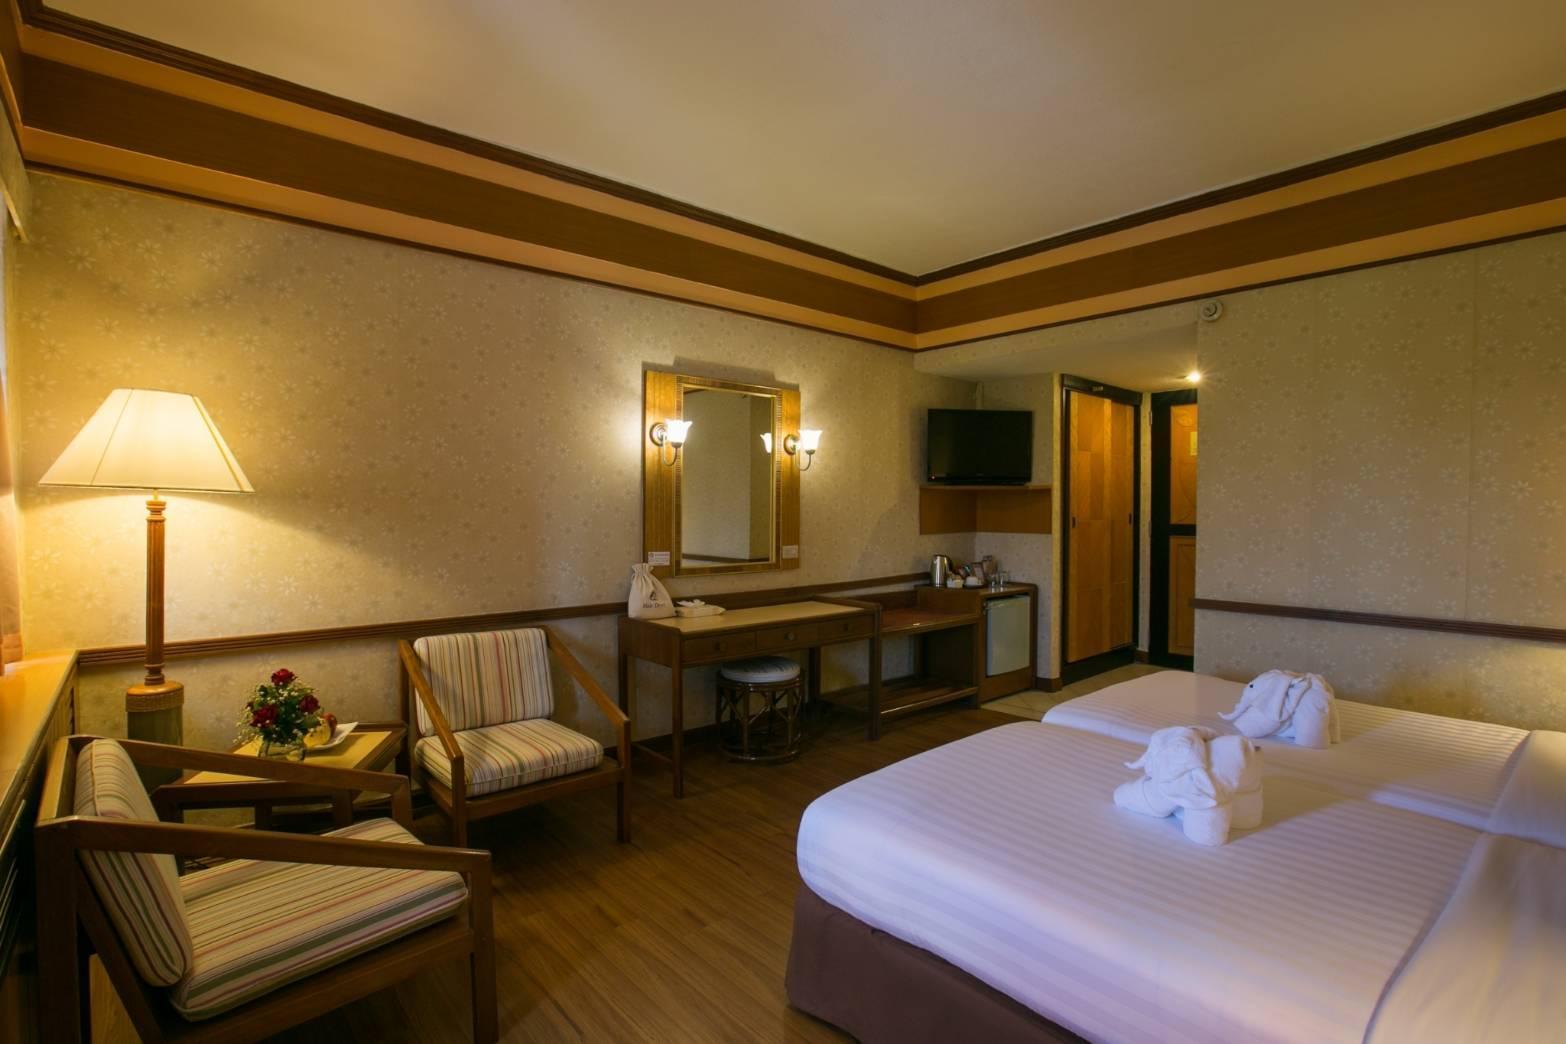 โรงแรมเอเชีย พัทยา บีช